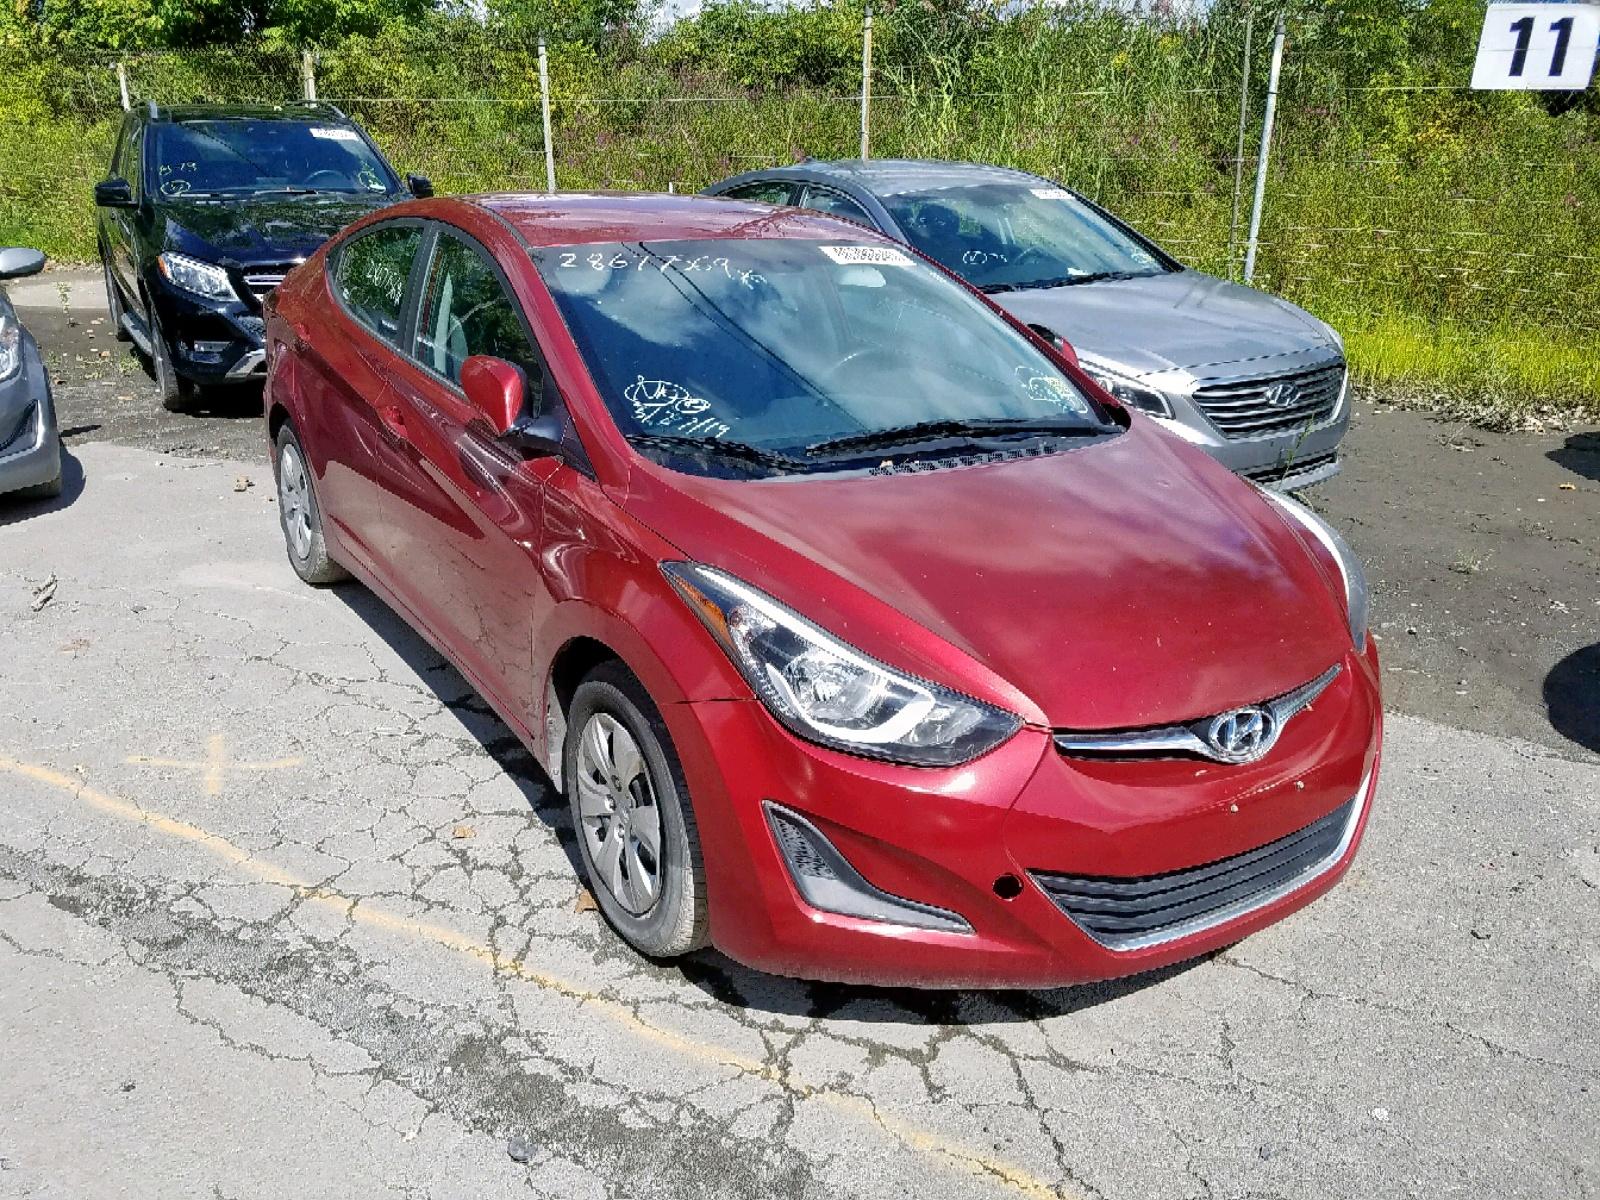 5NPDH4AE7GH679032 - 2016 Hyundai Elantra Se 1.8L Left View